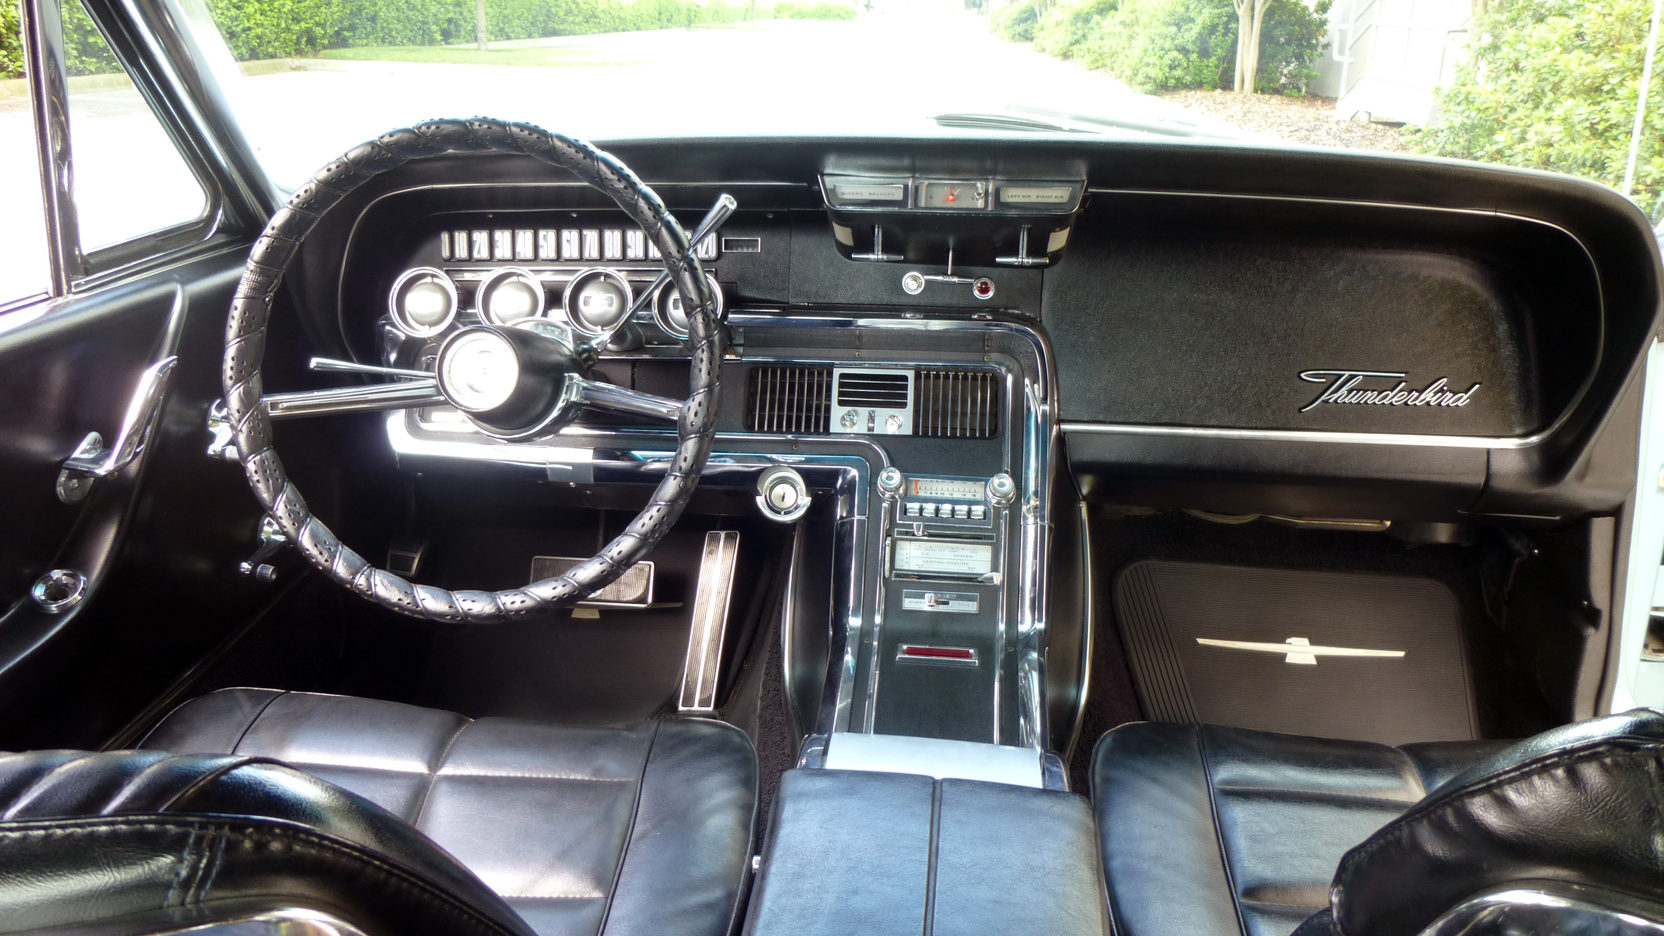 1966 Ford Thunderbird interior